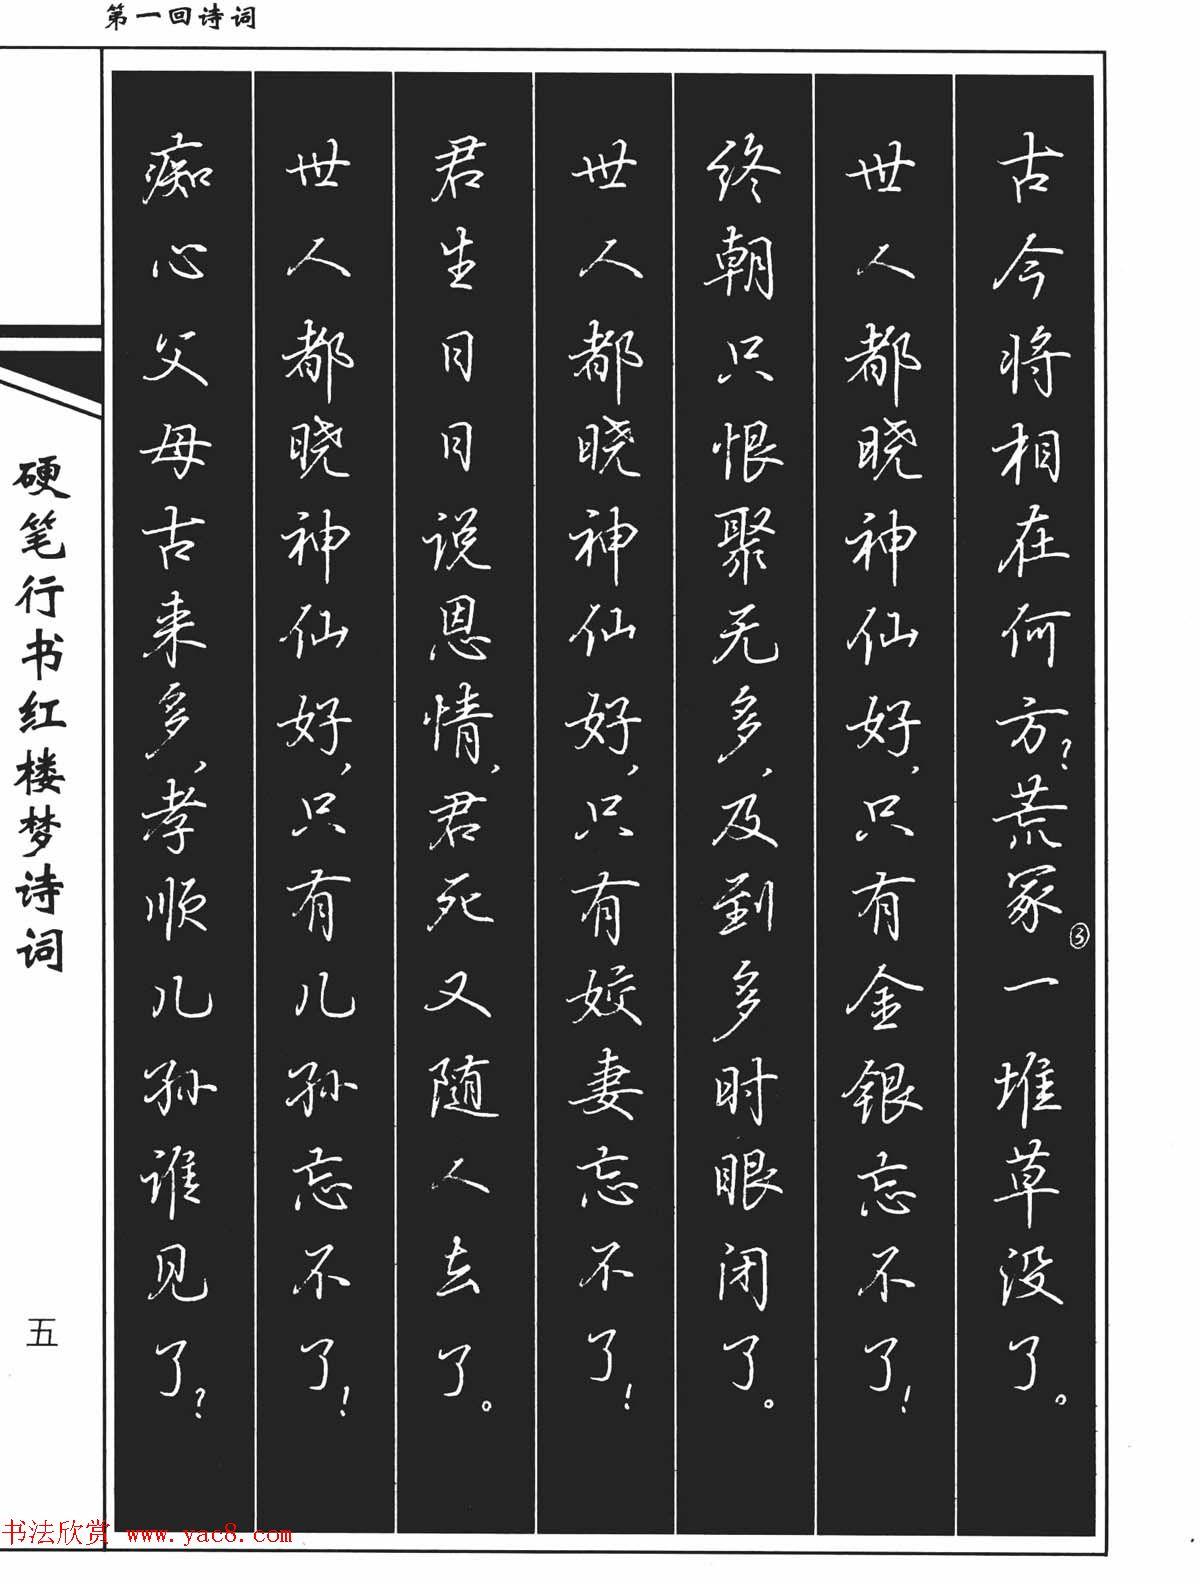 吴玉生钢笔字帖欣赏 硬笔行书红楼梦诗词图片